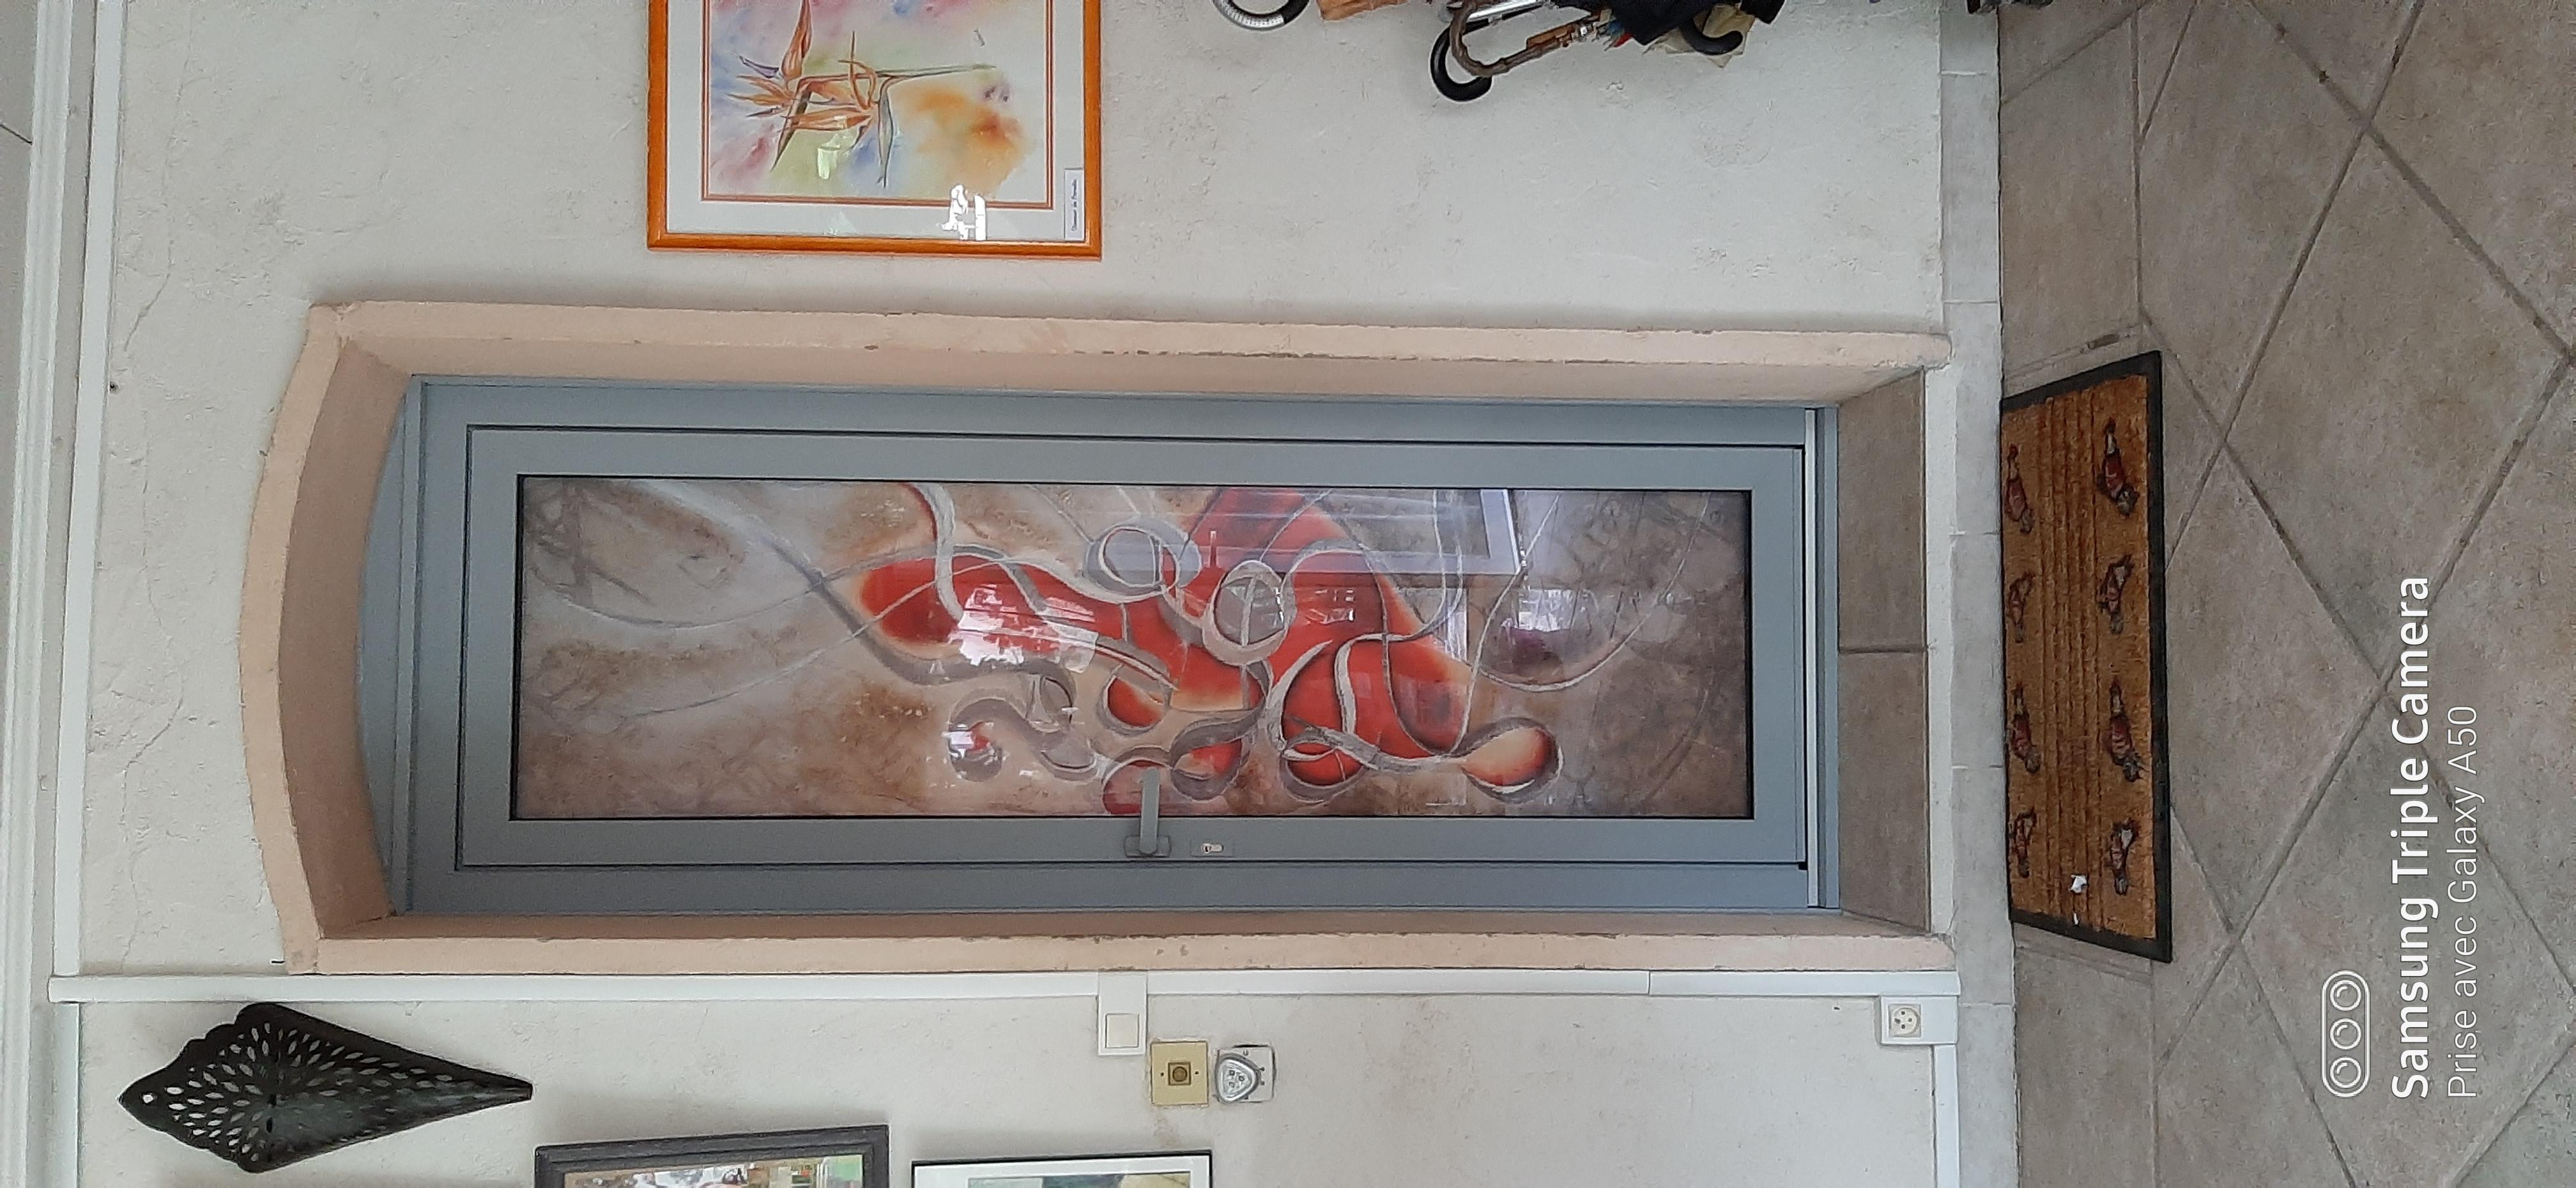 Porte d'entrée oeuvre d'art